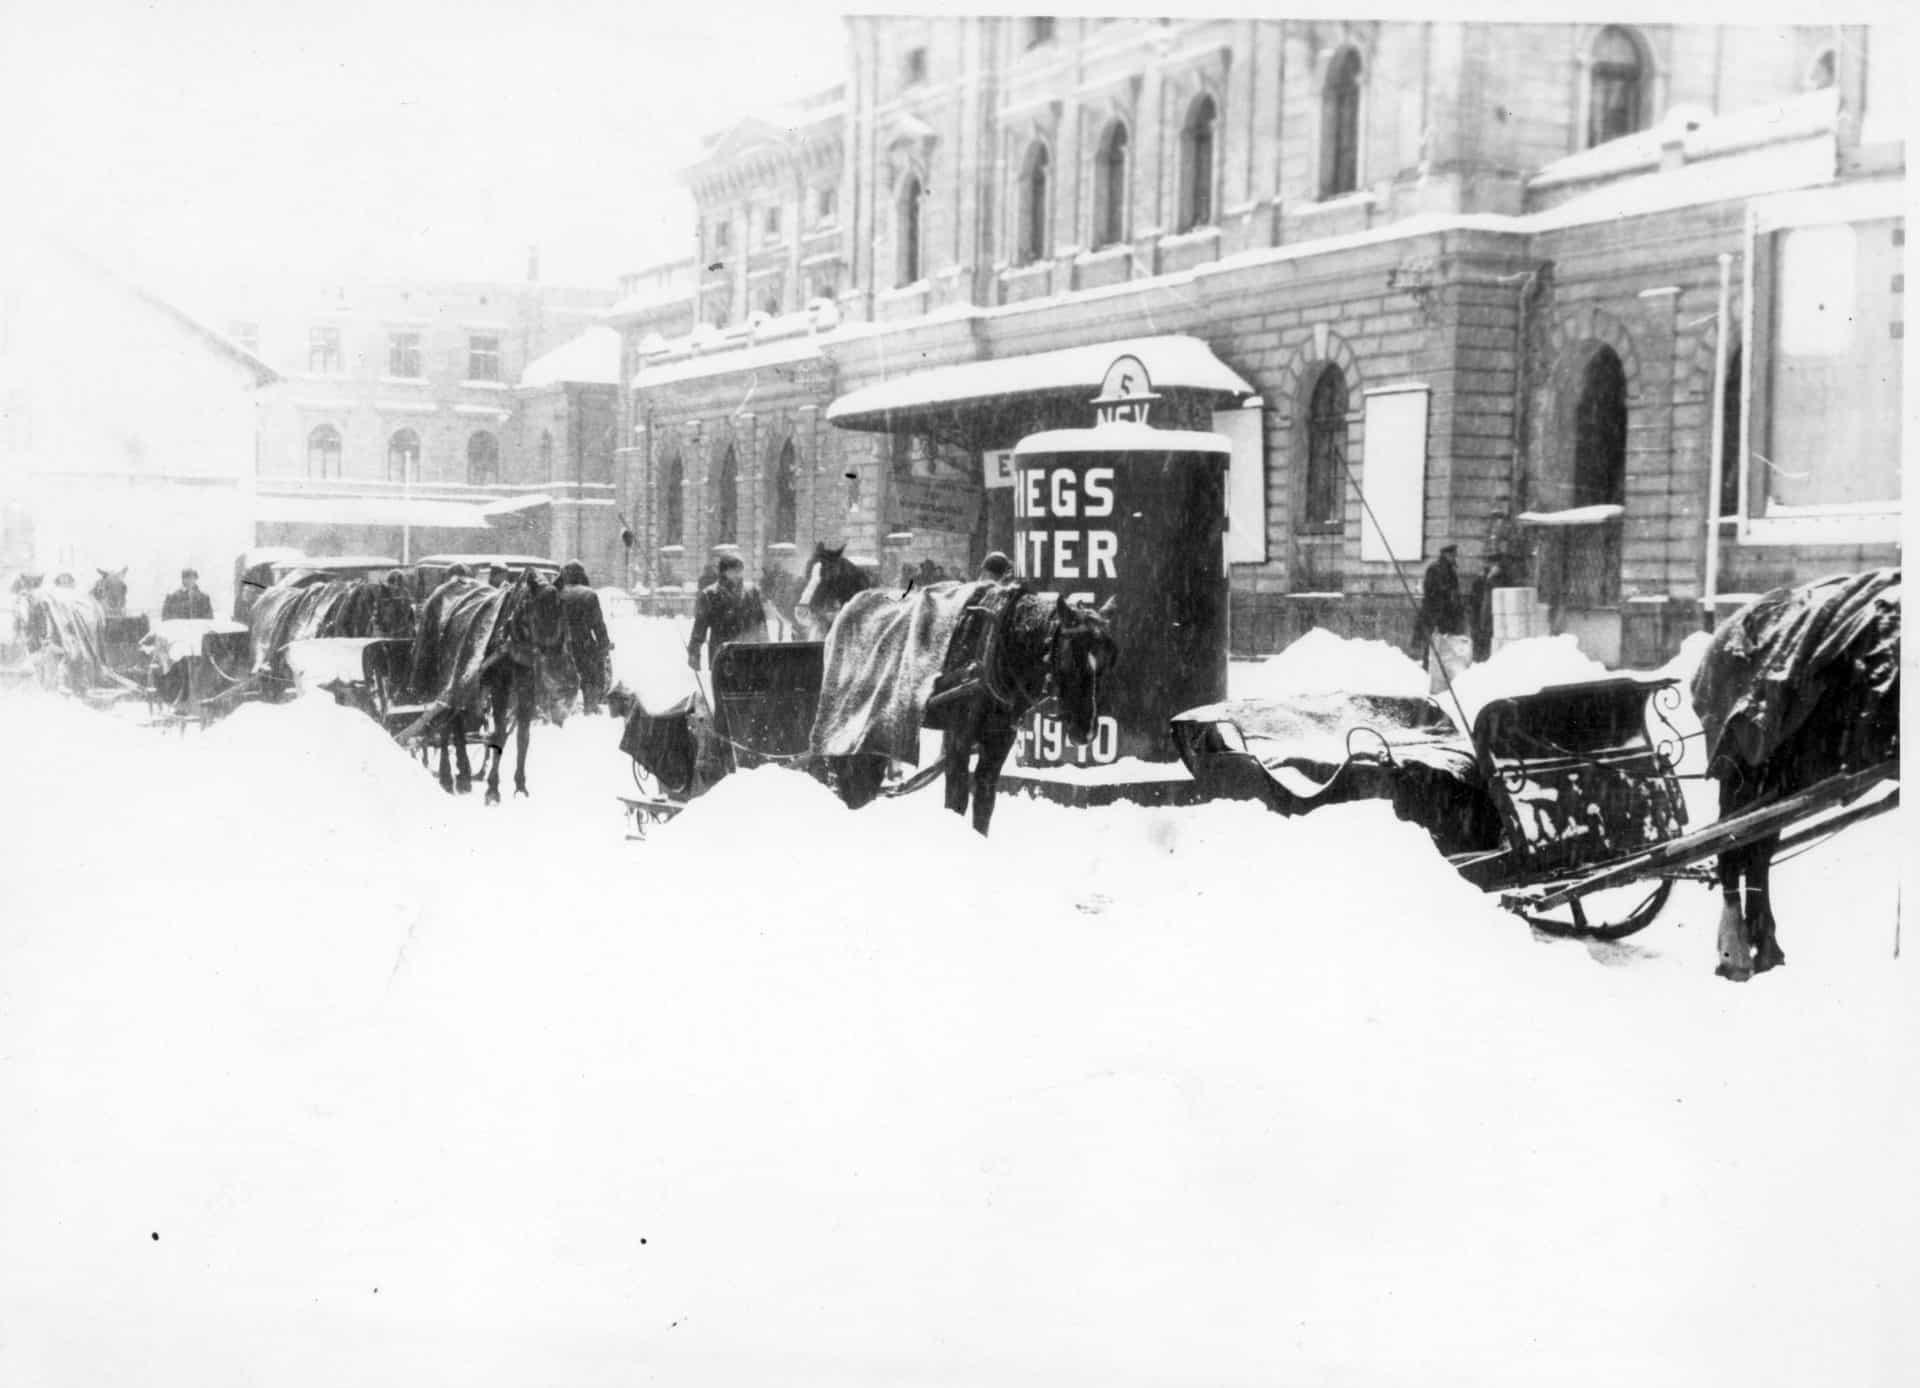 Postój dorożek przed Dworcem w Krakowie. Zdjęcie zrobione w 1940 roku, w czasie II wojny światowej. Źródło: Narodowe Archiwum Cyfrowe.